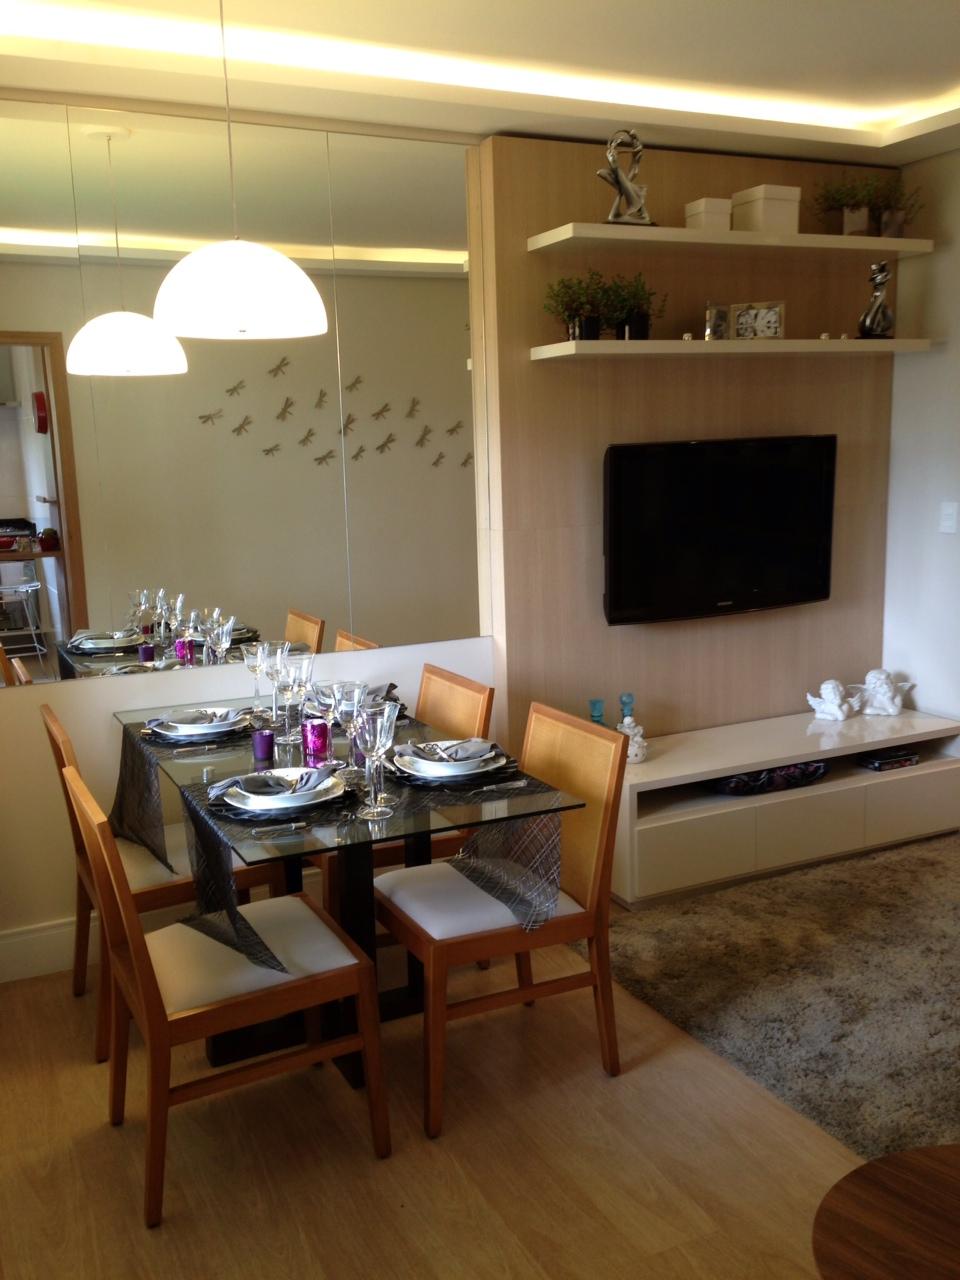 Fui morar numa casinha apartamento modelo decorado for Mesas para apartamentos pequenos